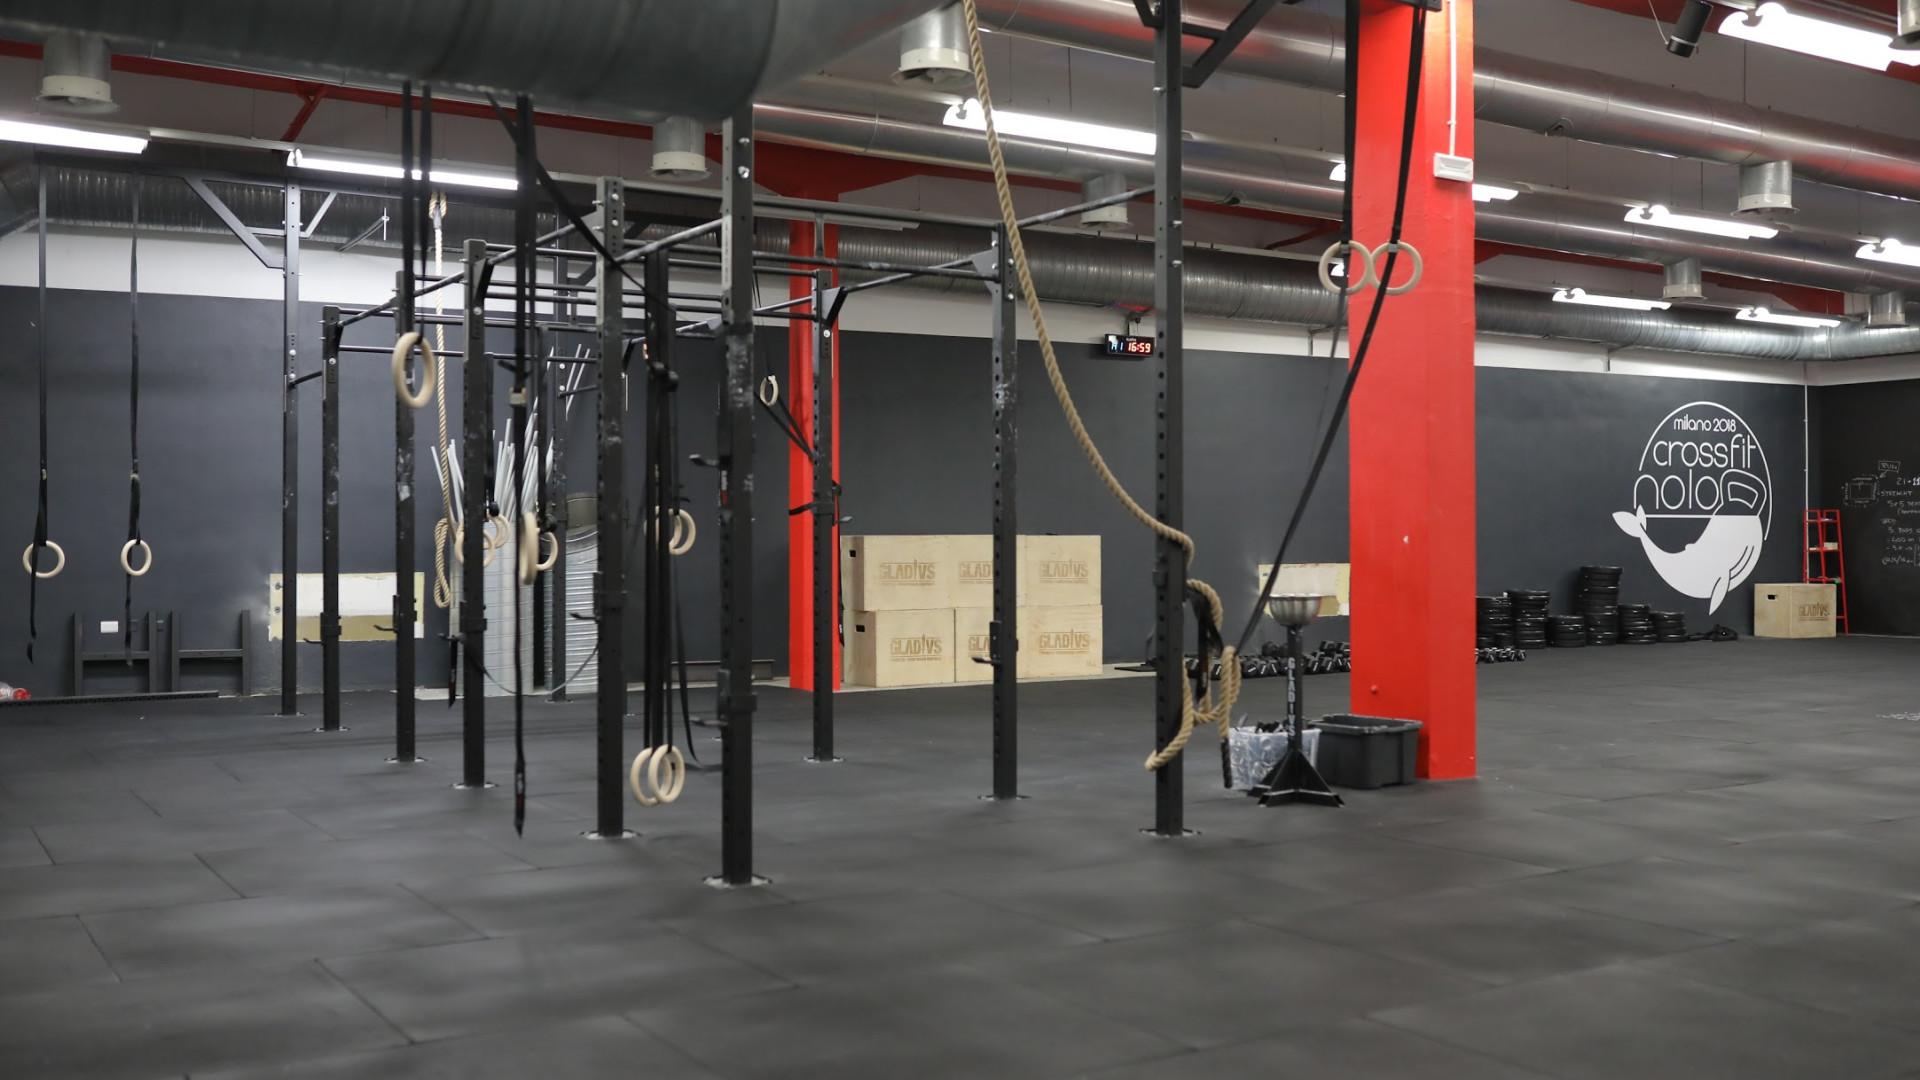 CrossFit Nolo